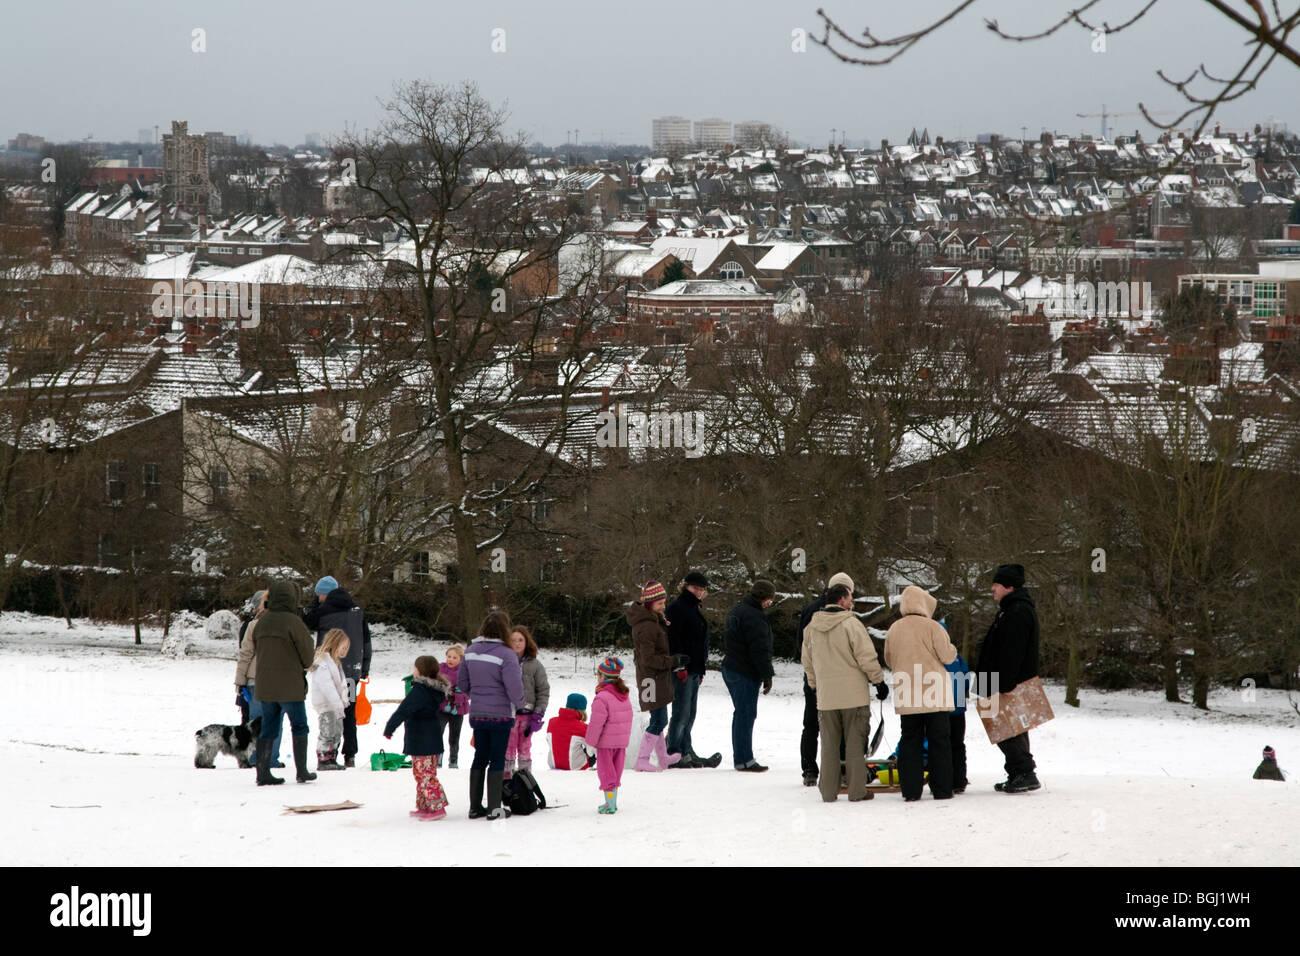 Sledging - Alexandra Palace Park - Haringey - London - Stock Image